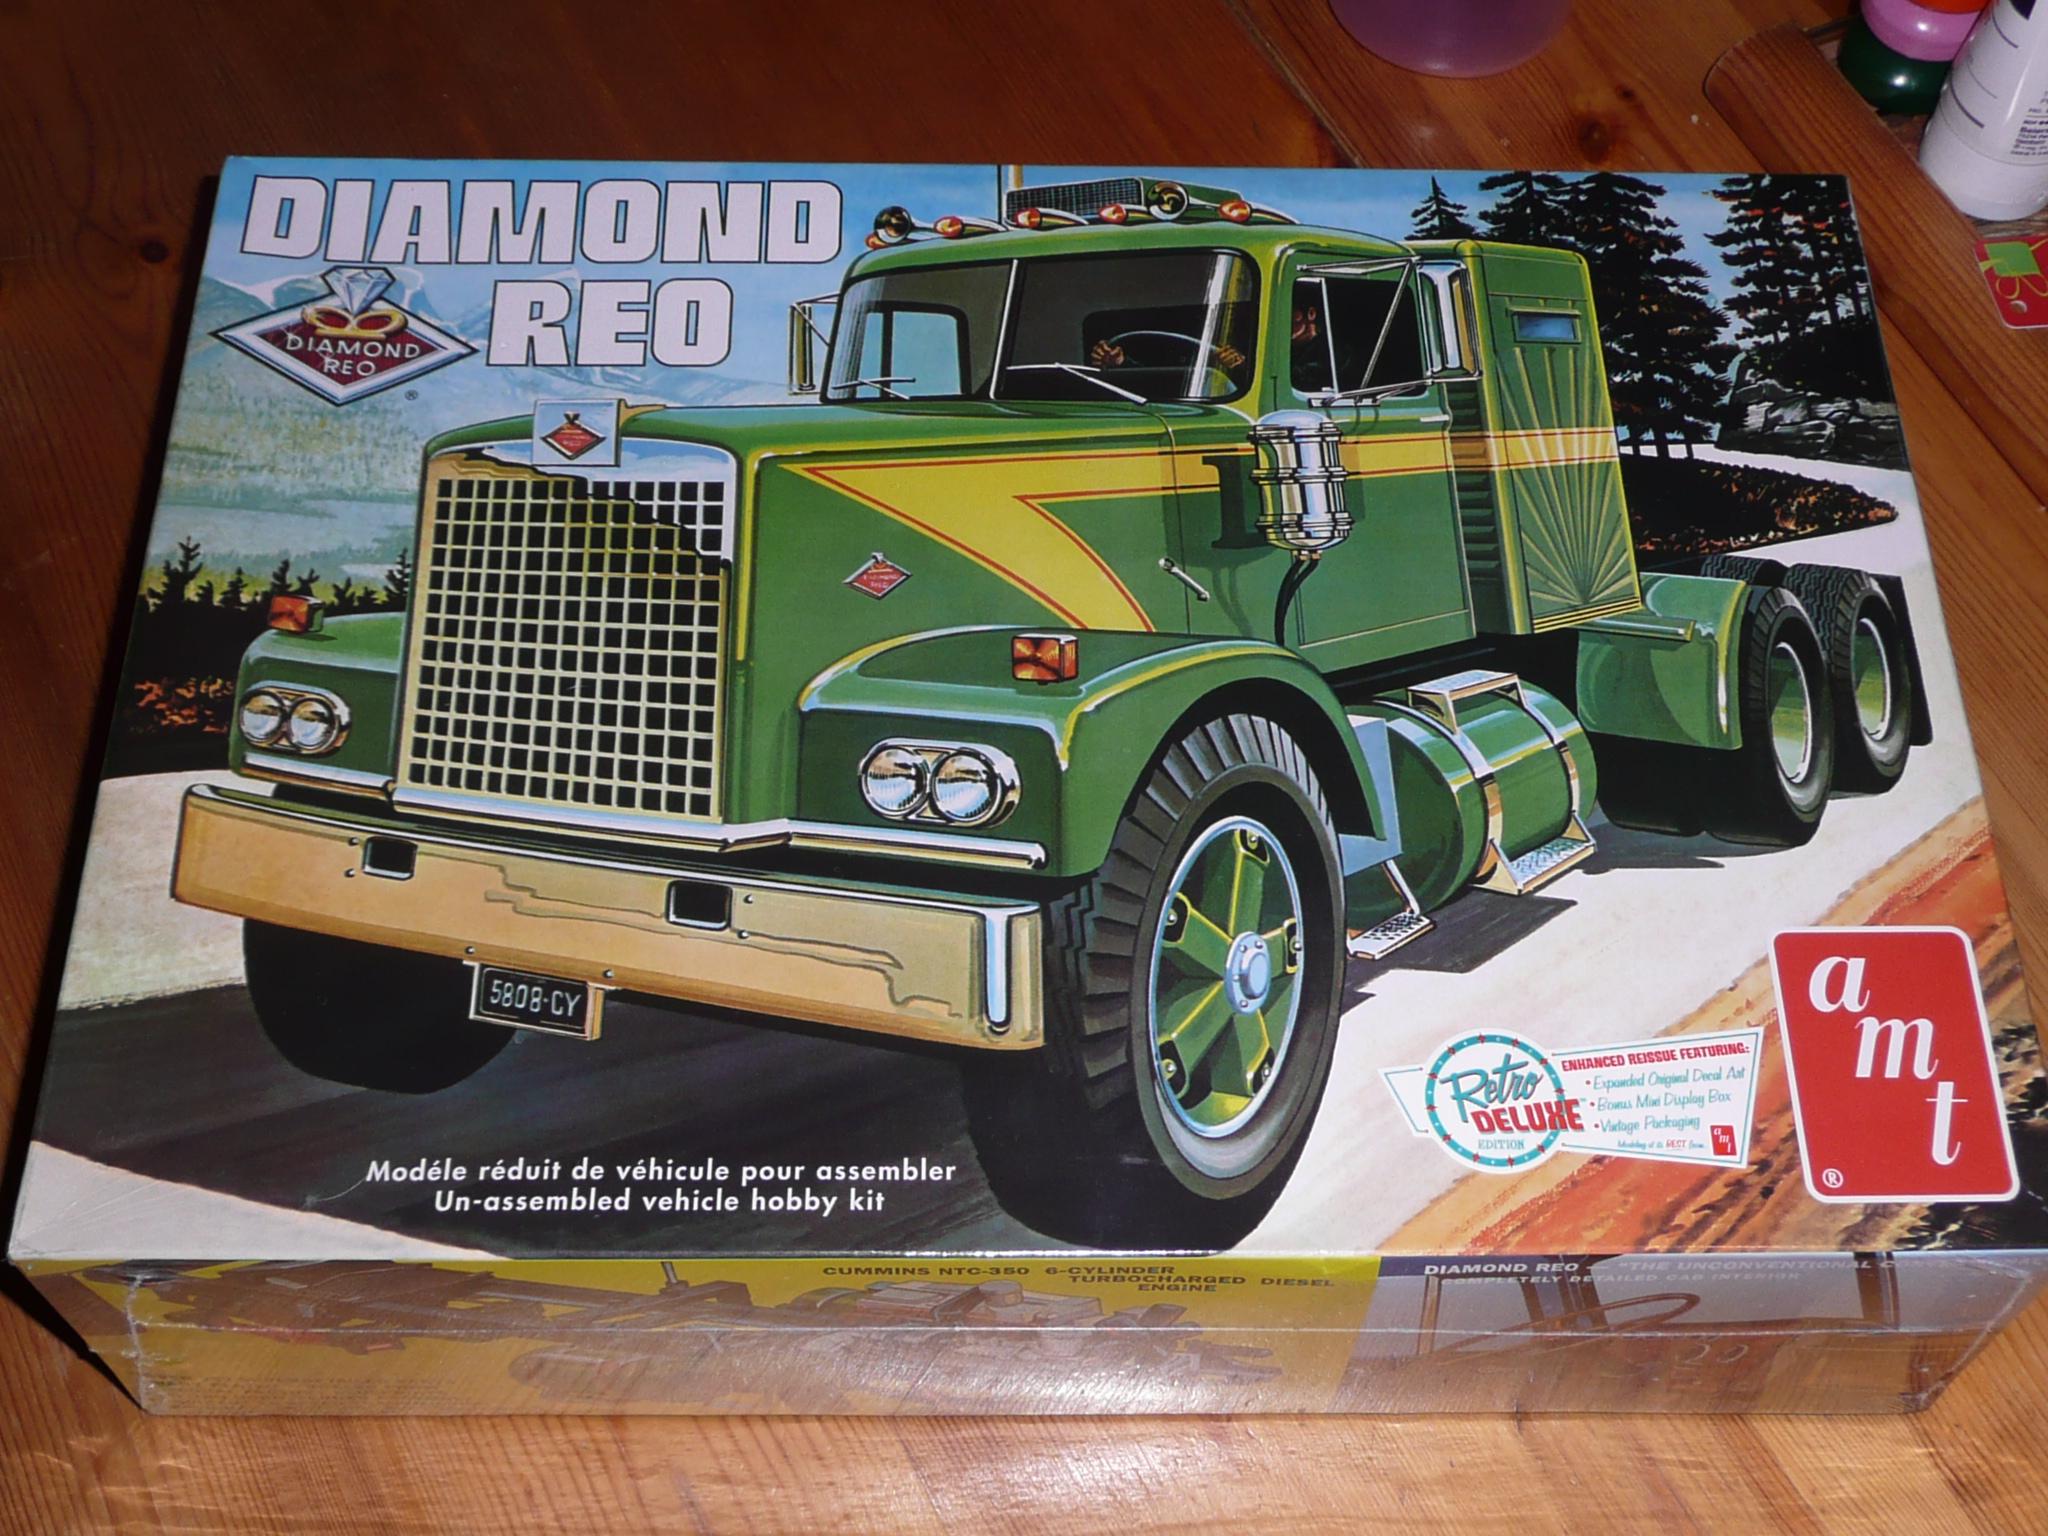 [Déterrage] Wolf Truck sur base de Diamond Reo AMT au 1/24 32908205316_7104962f3d_k